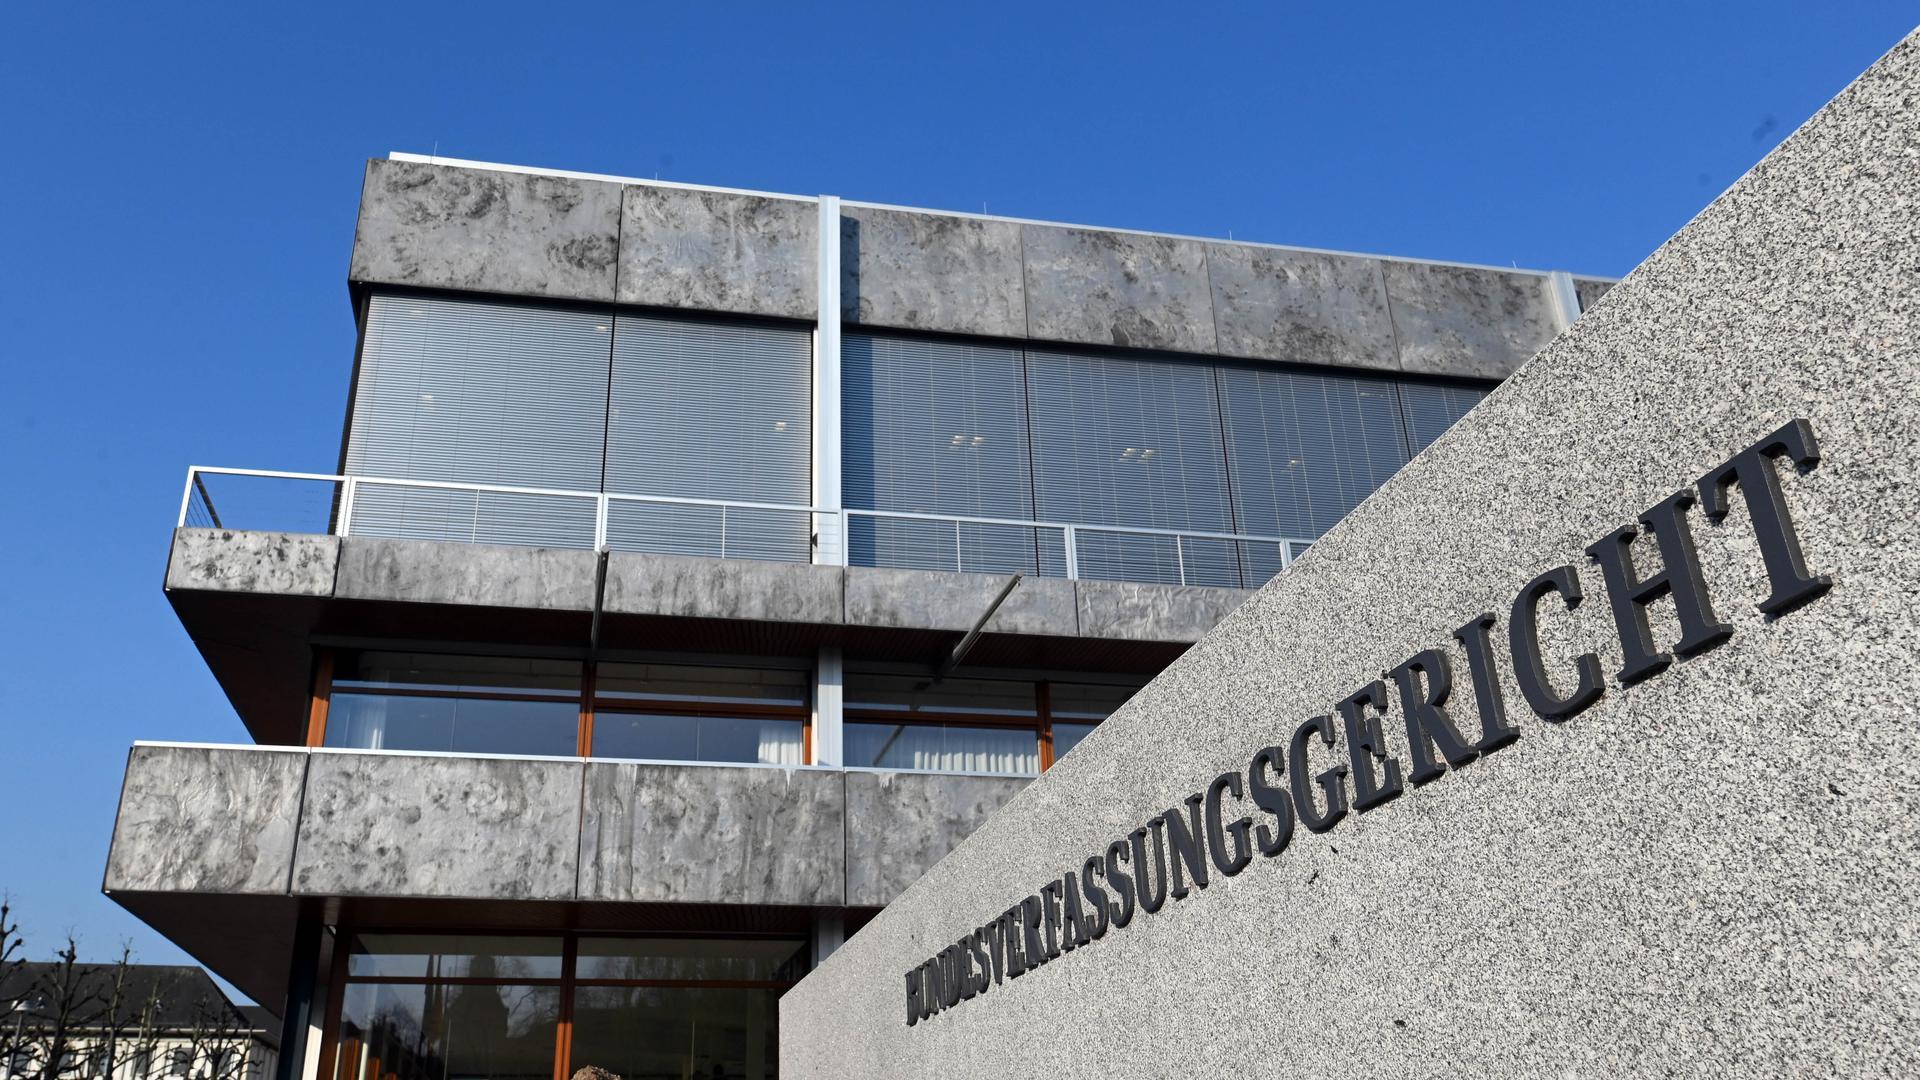 Aussenaufnahme des Bundesverfassungsgerichtes. Die AfD Sachsen ist mit einer Verfassungsbeschwerde in Karlsruhe gescheitert. Dabei ging es um die teilweise Nichtzulassung ihrer Kandidatenliste für die Landtagswahl. Das teilte das Bundesverfassungsgericht am Mittwoch mit. +++ dpa-Bildfunk +++